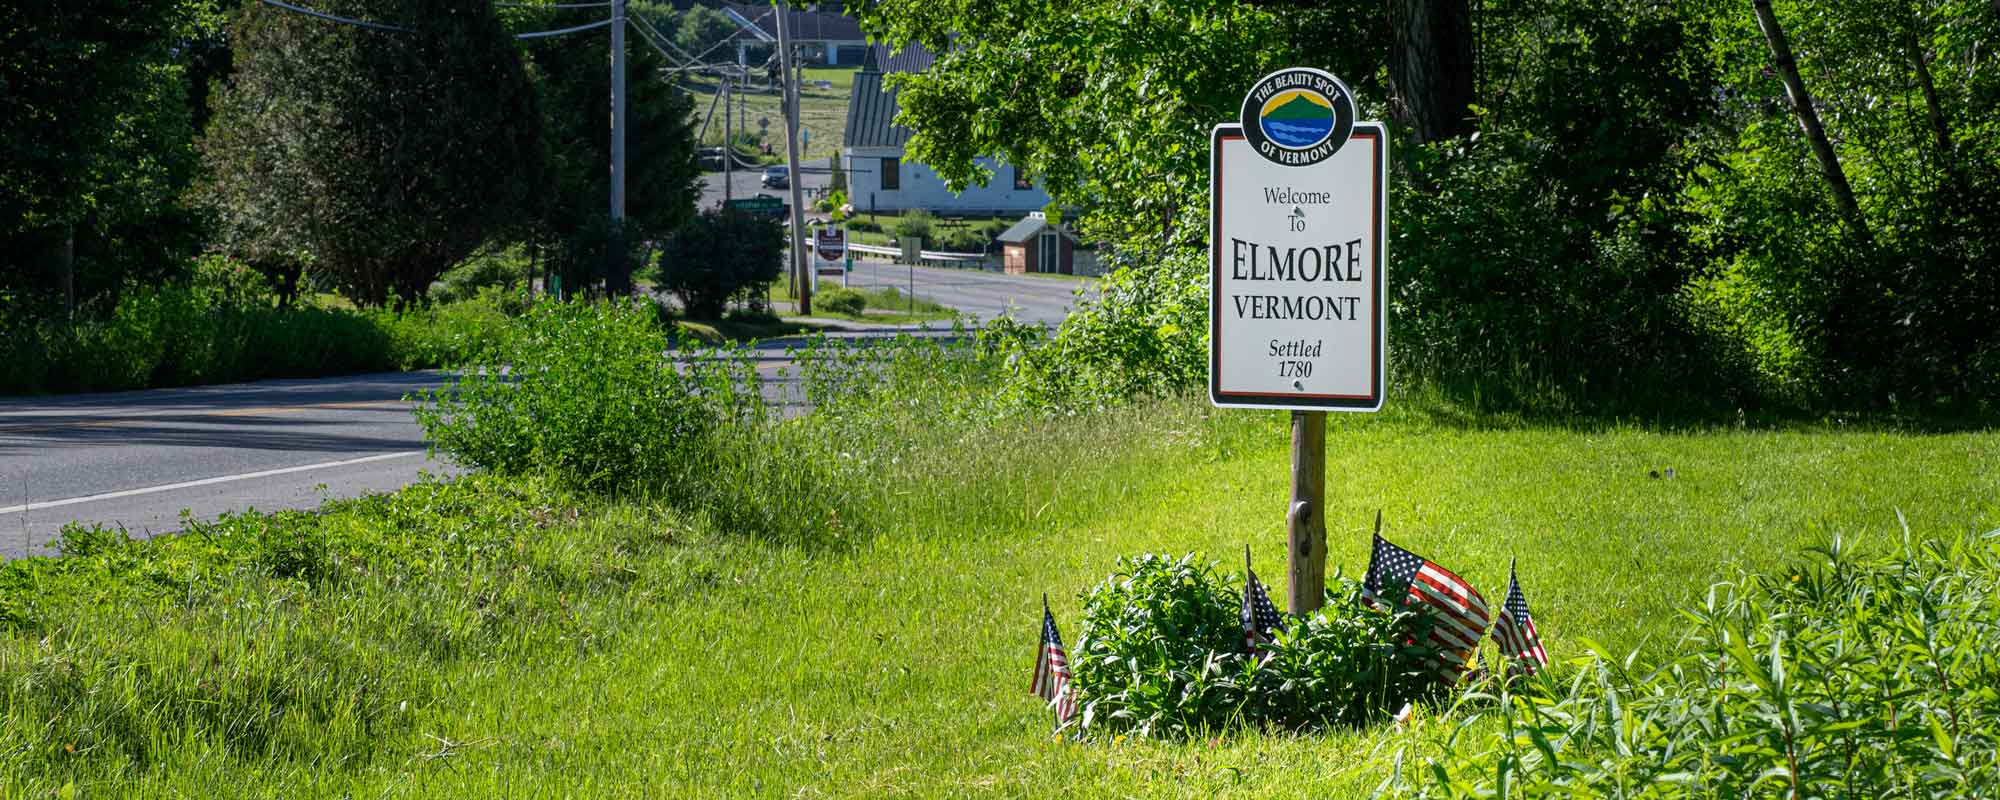 Elmore Scenes